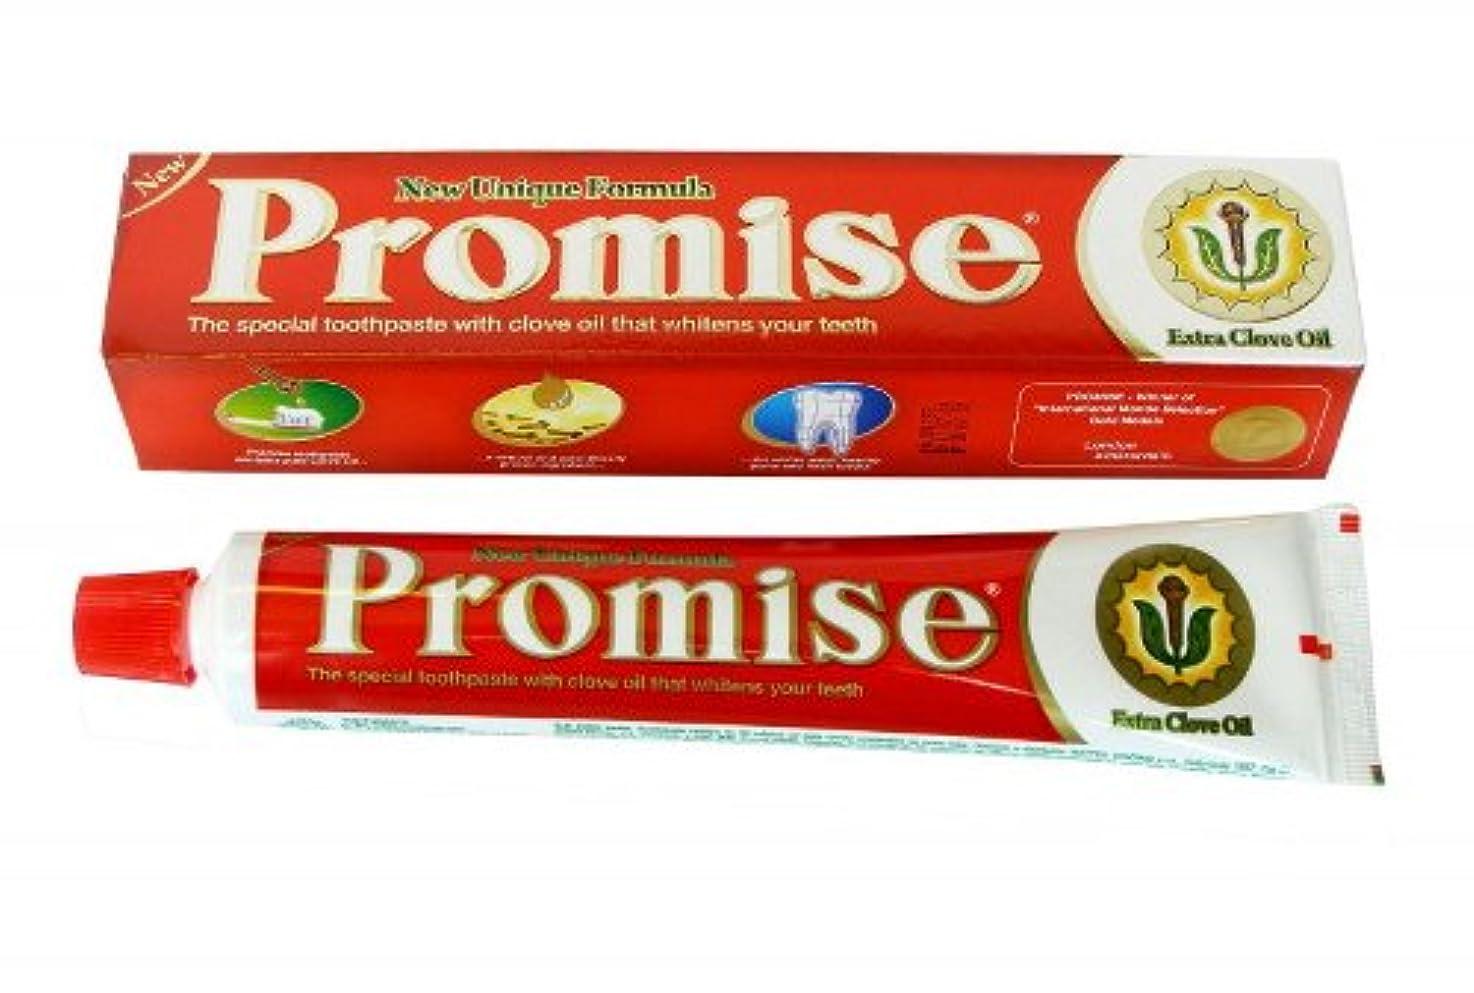 甲虫昨日ぴかぴかDabur Promise チョコレートオイル入り練り歯磨き 150g 2個 [並行輸入品]